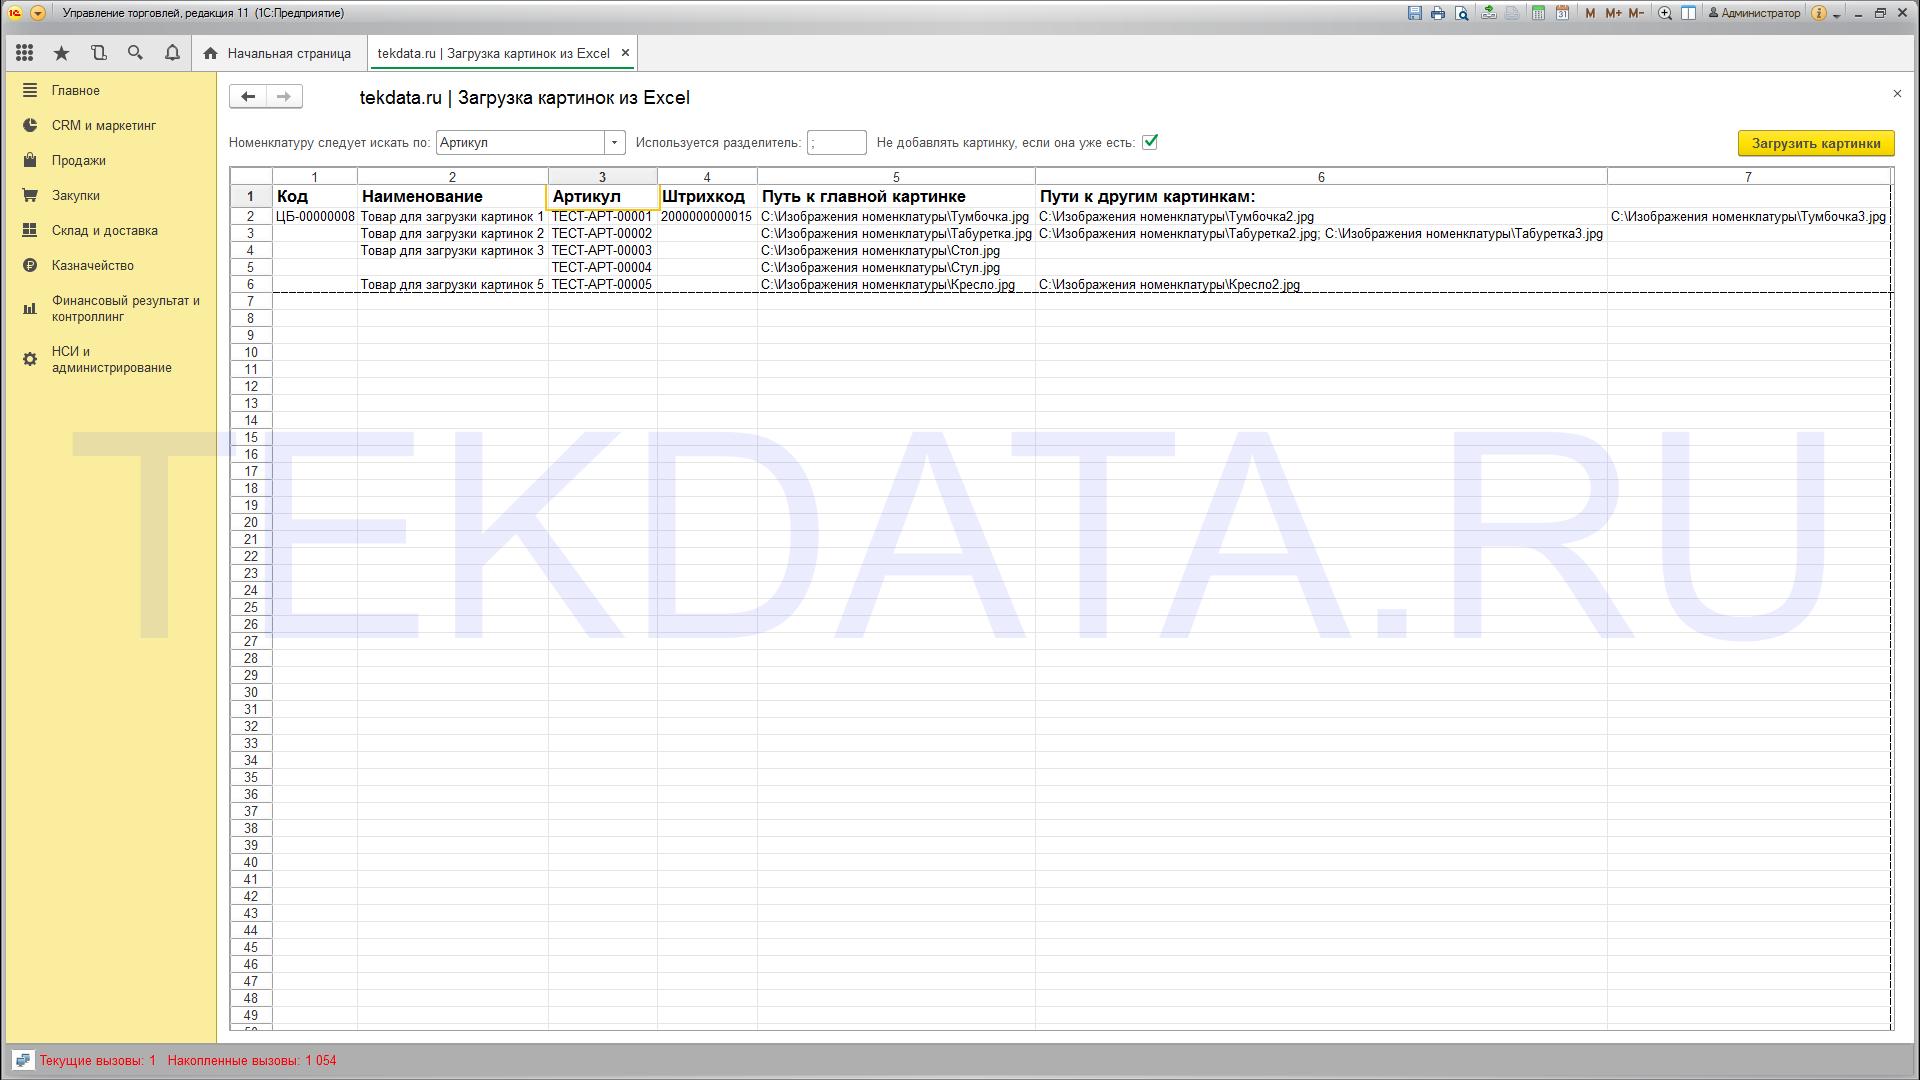 Загрузка картинок номенклатуры из Excel для 1С:УТ 11.2